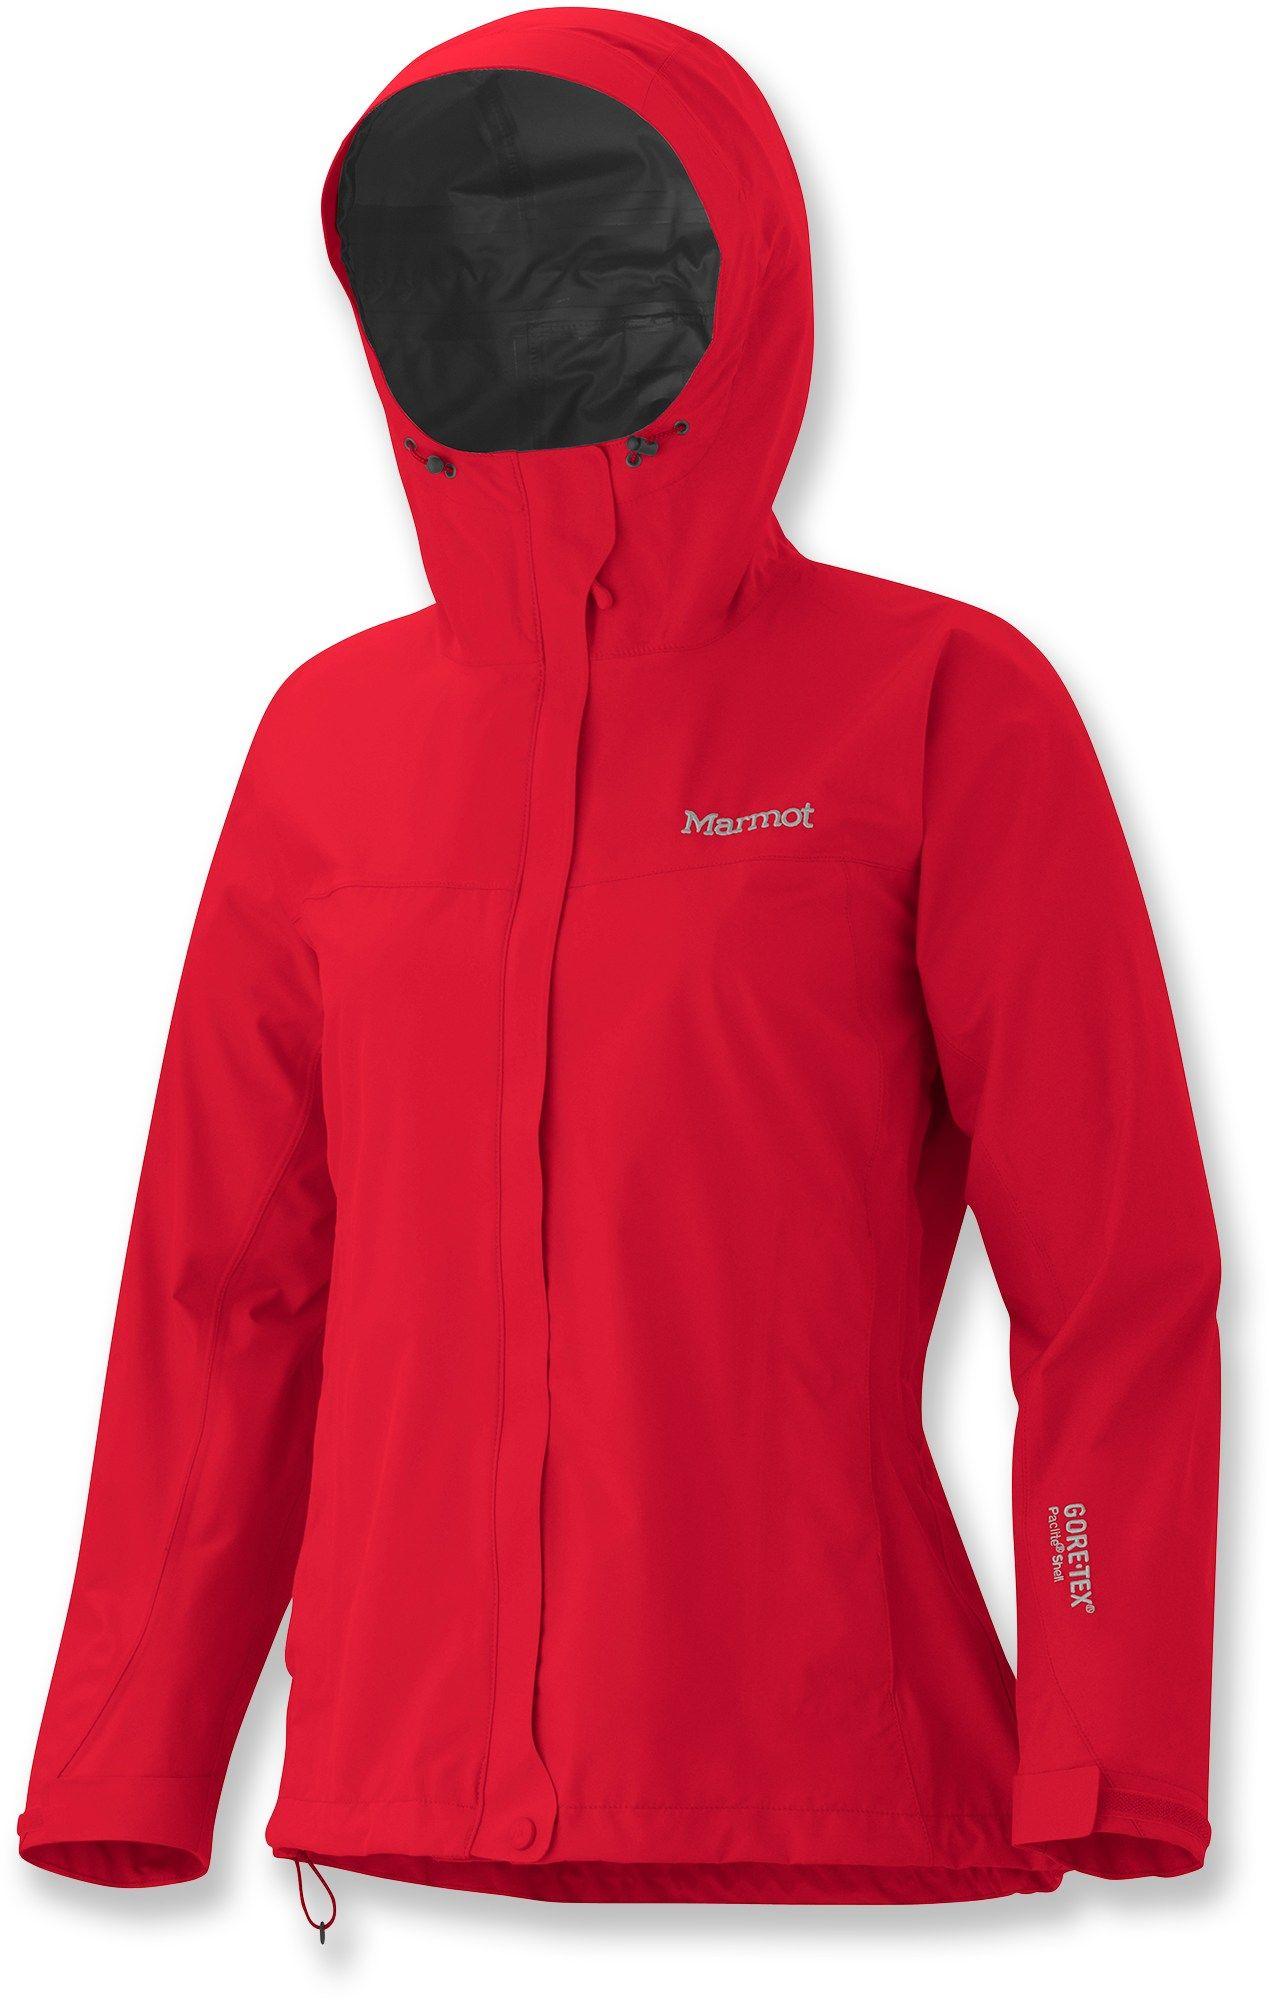 Marmot Minimalist Rain Jacket Women's   REI Co op   Marmot